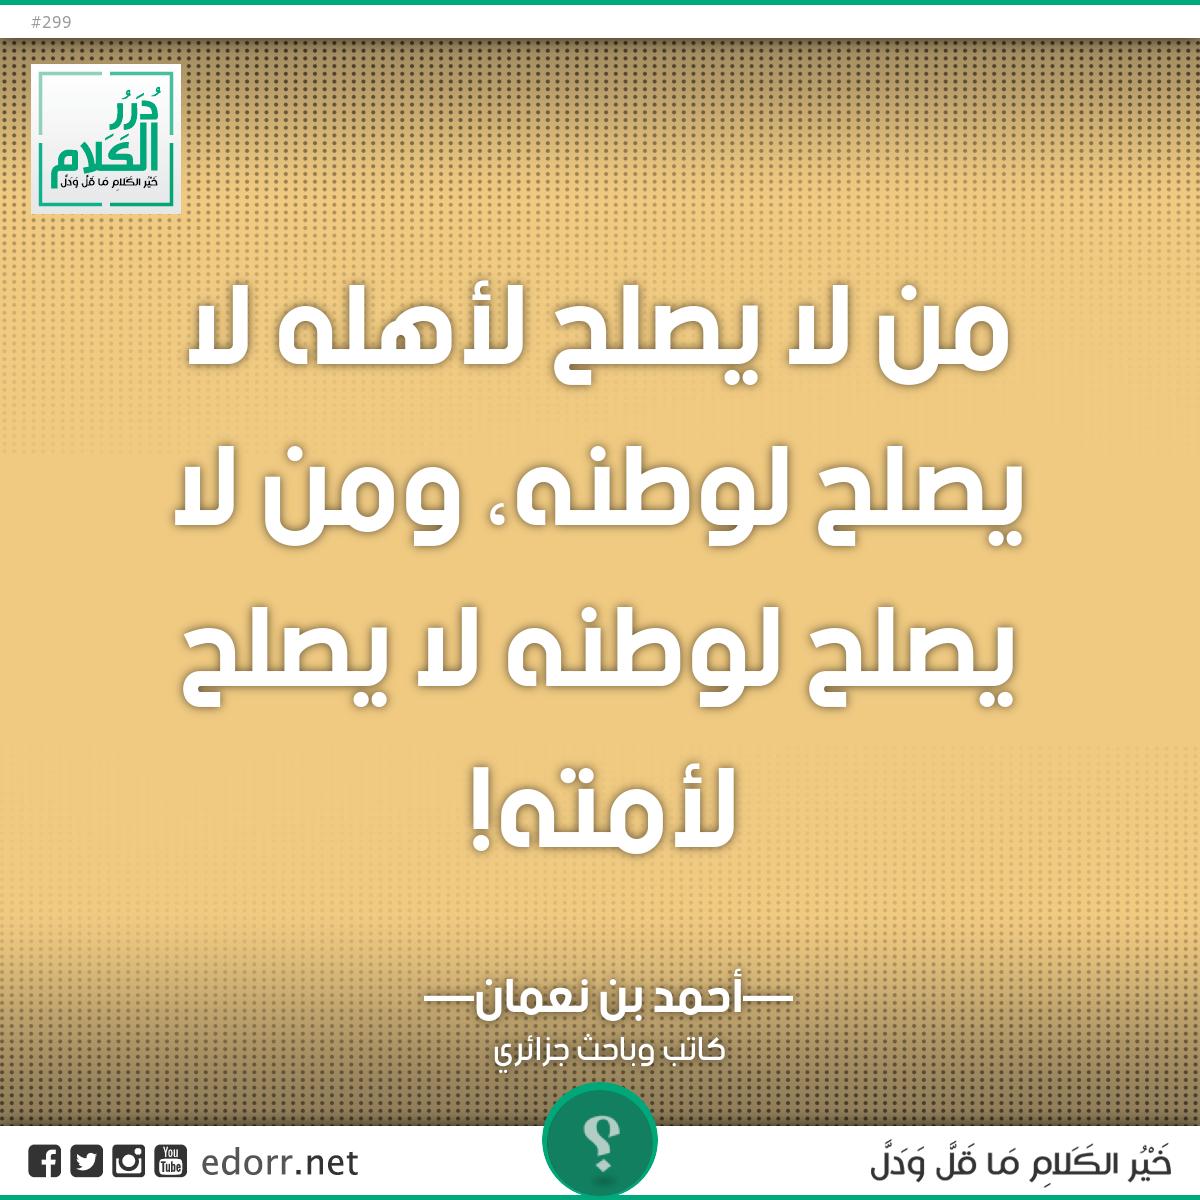 من لا يصلح لأهله لا يصلح لوطنه، ومن لا يصلح لوطنه لا يصلح لأمته!